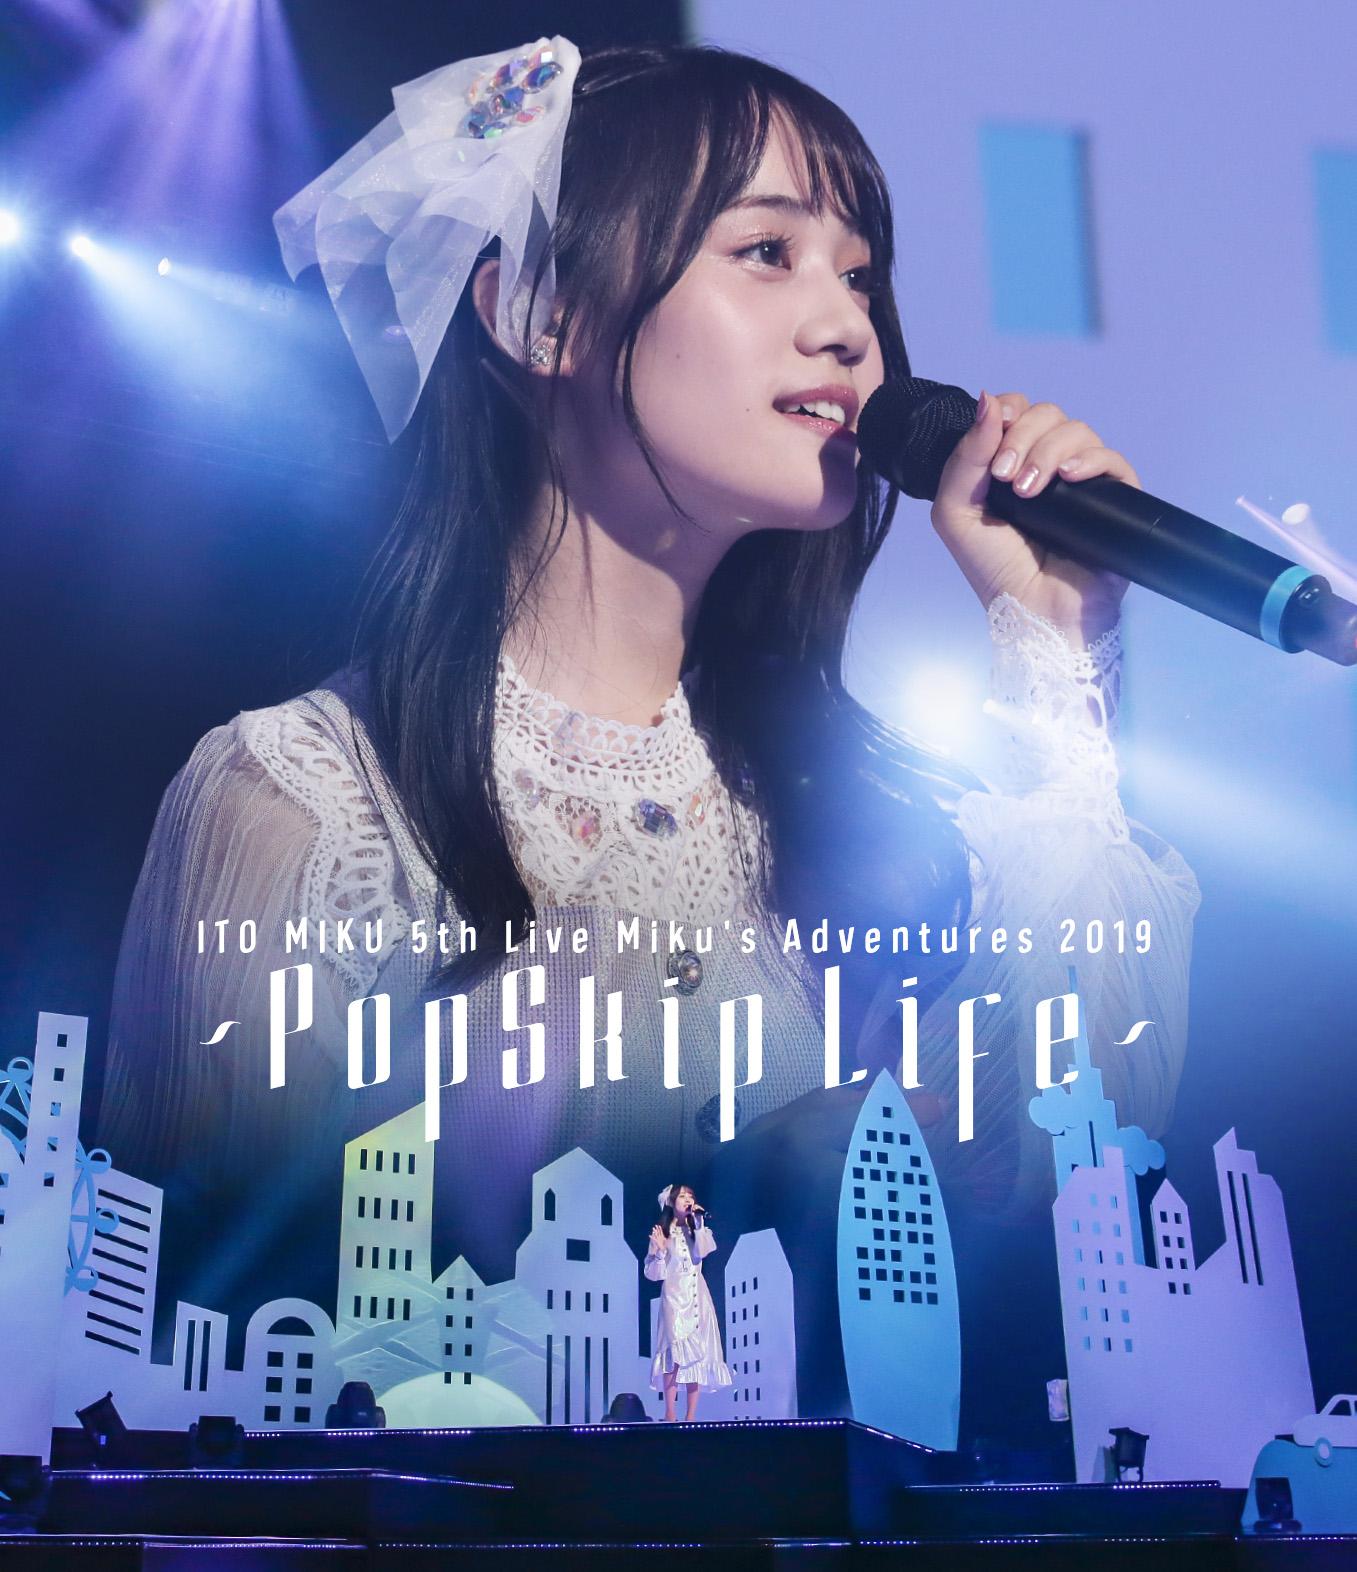 声优歌手伊藤美来LIVE Blu-ray封面照片公开 4月22日发售!